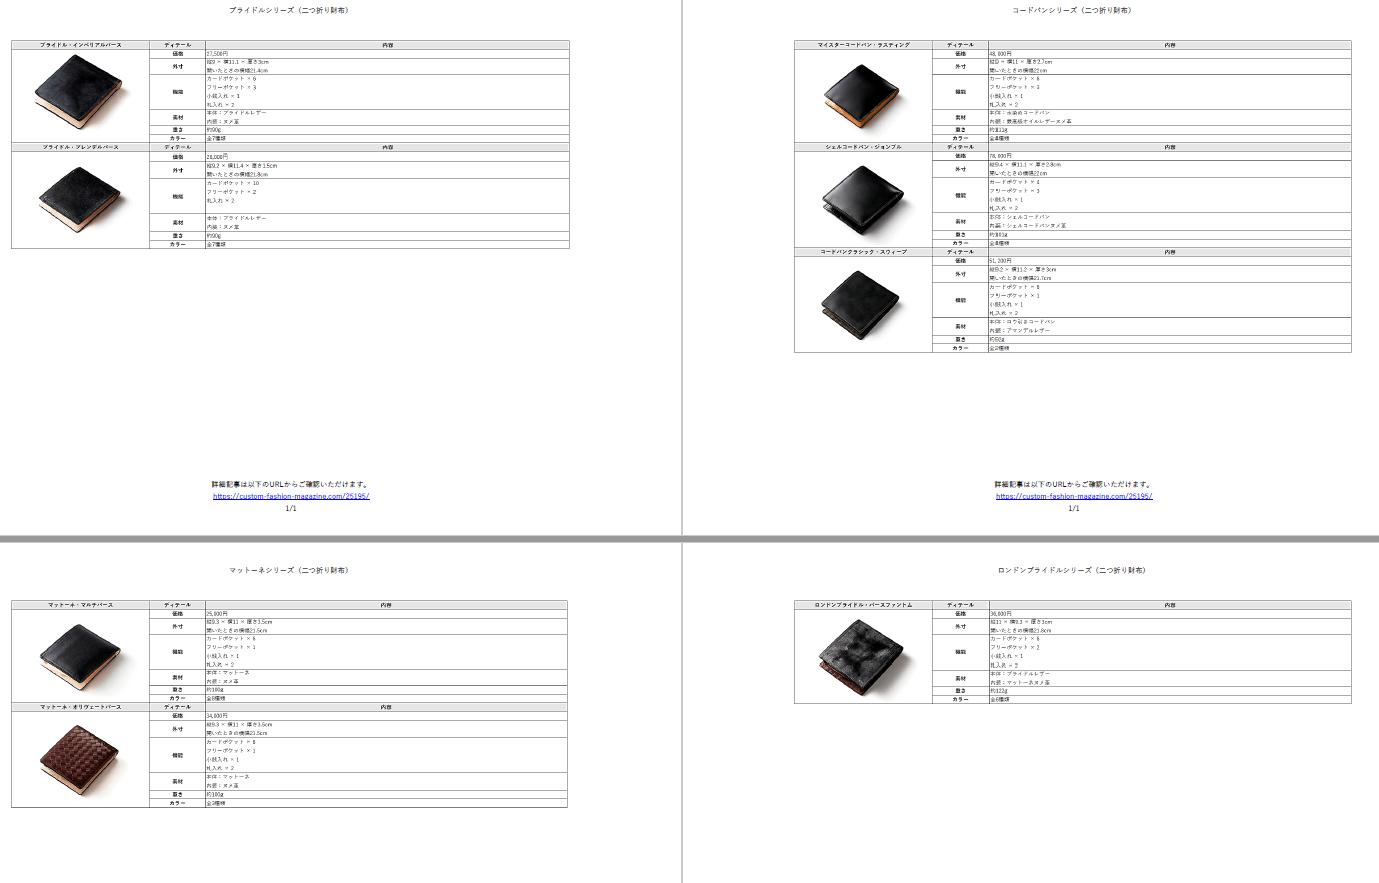 ココマイスターの二つ折り財布比較一覧表